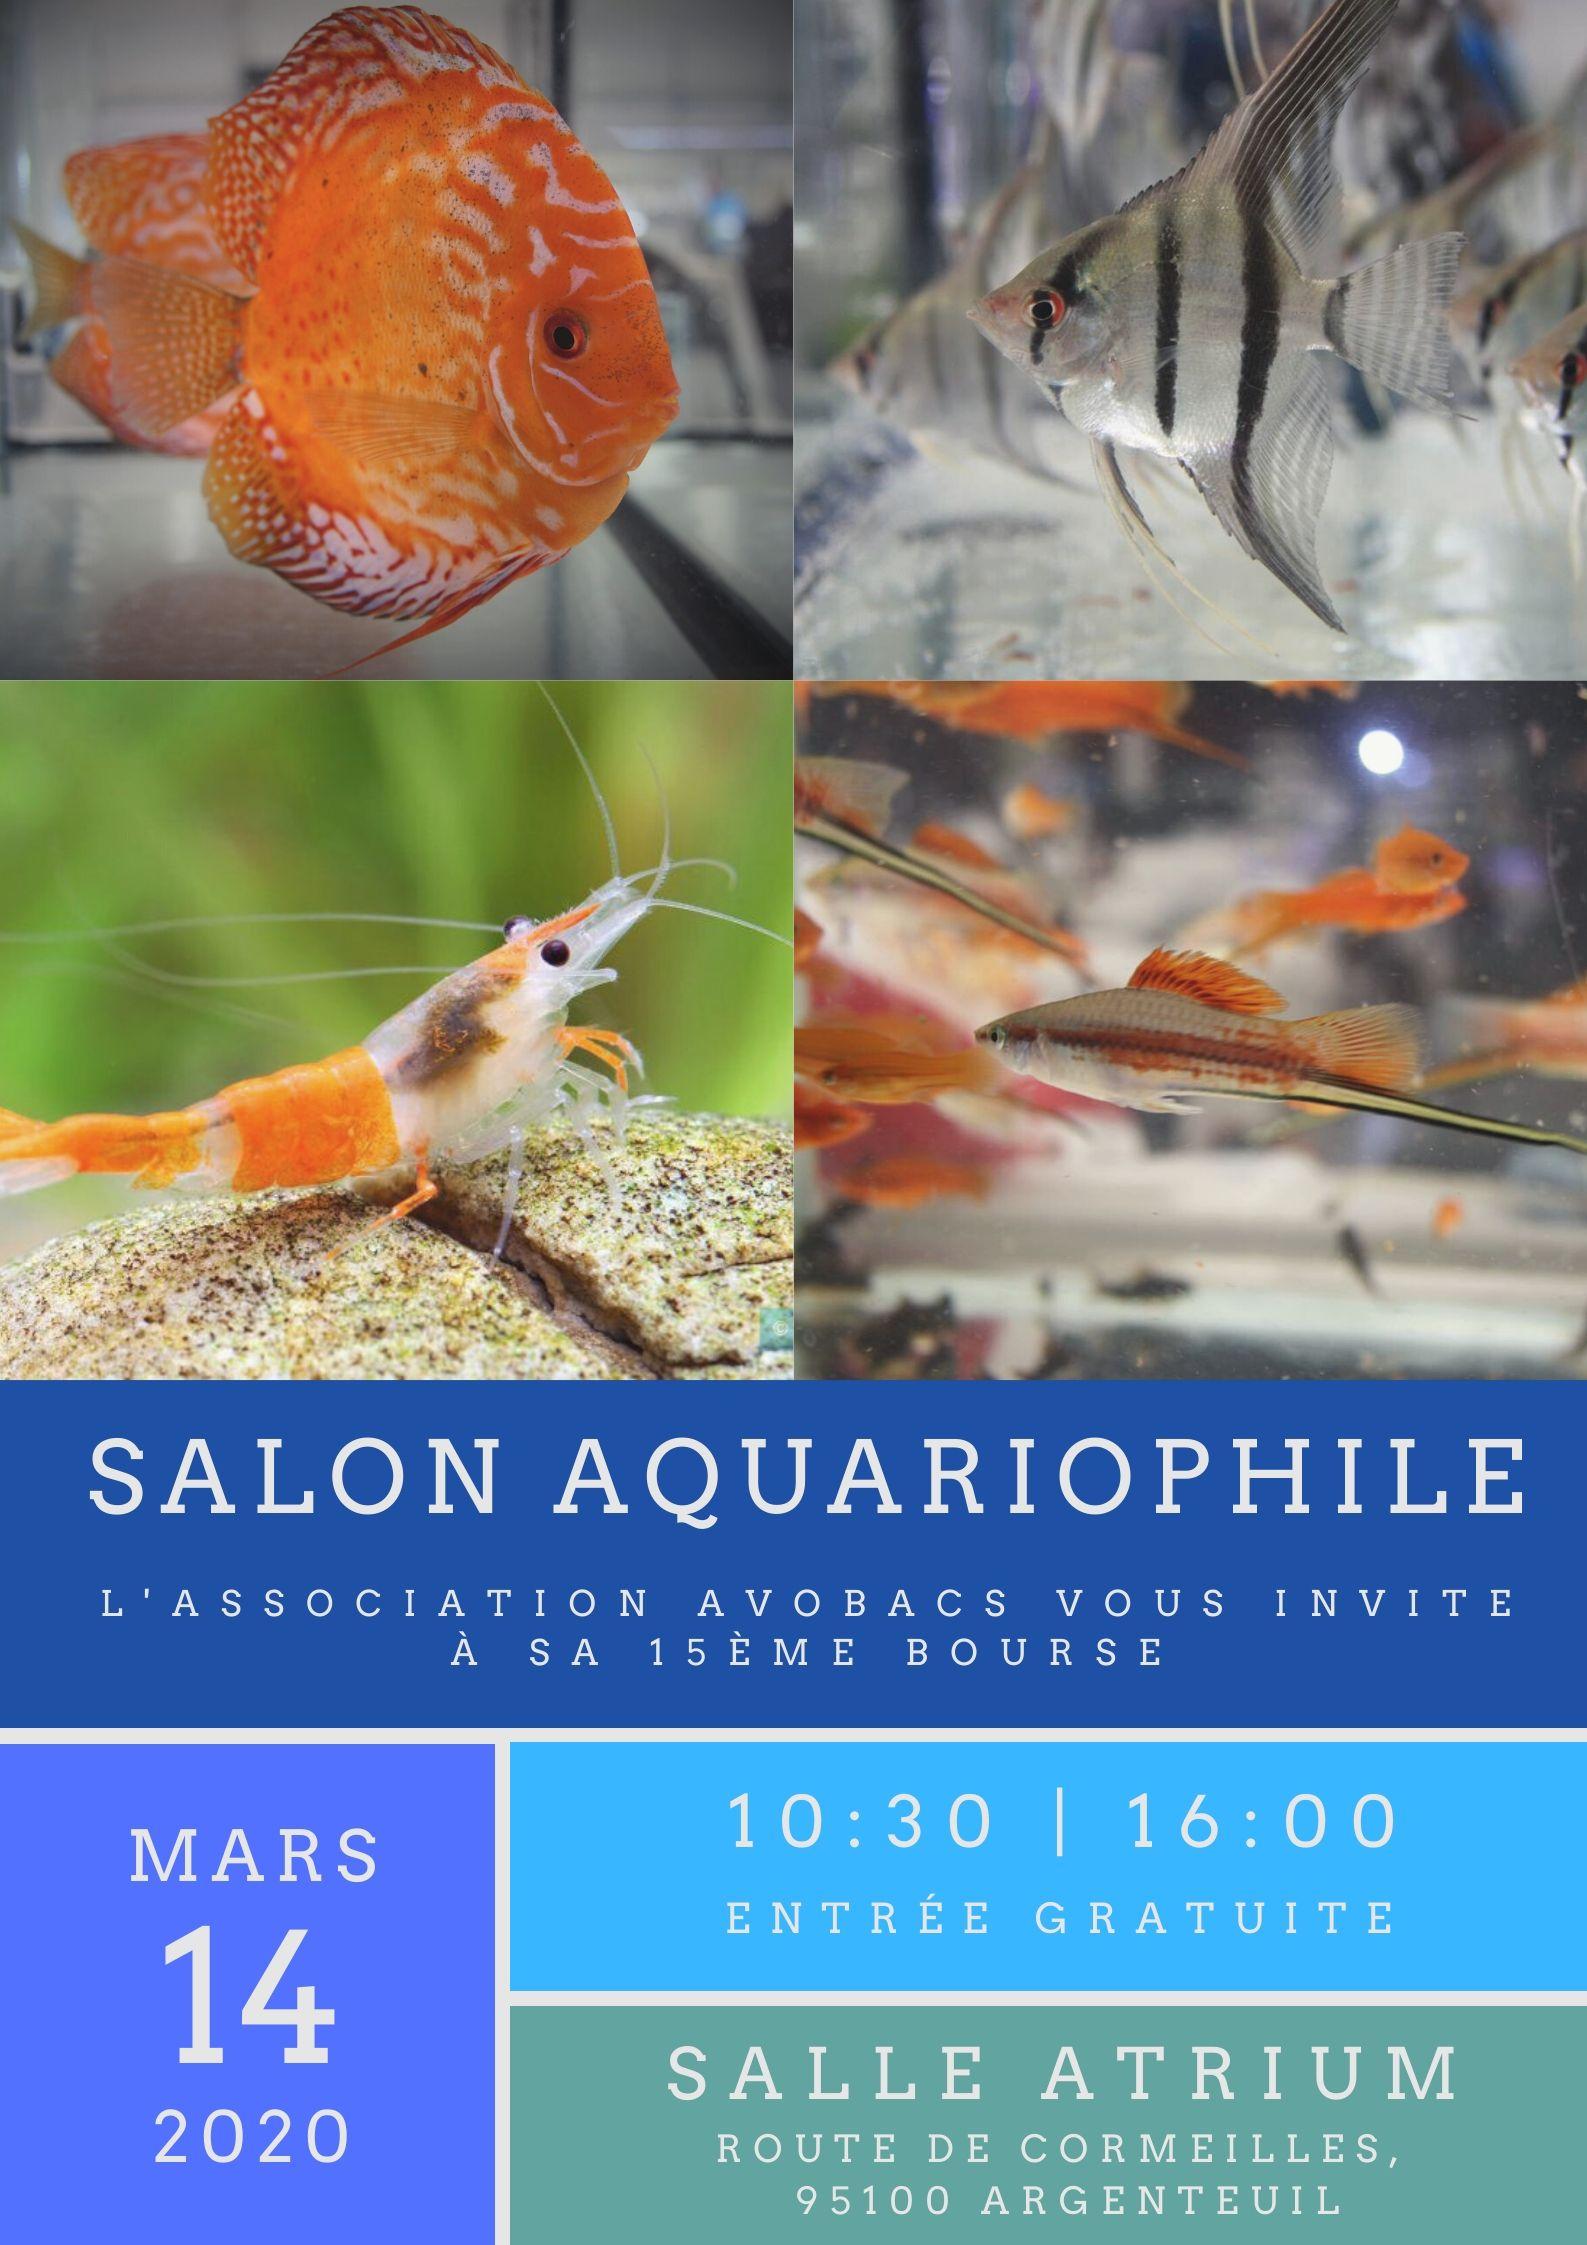 [95] Salon bourse le samedi 14 mars 2020 Salon-aquariophile-mars-2020